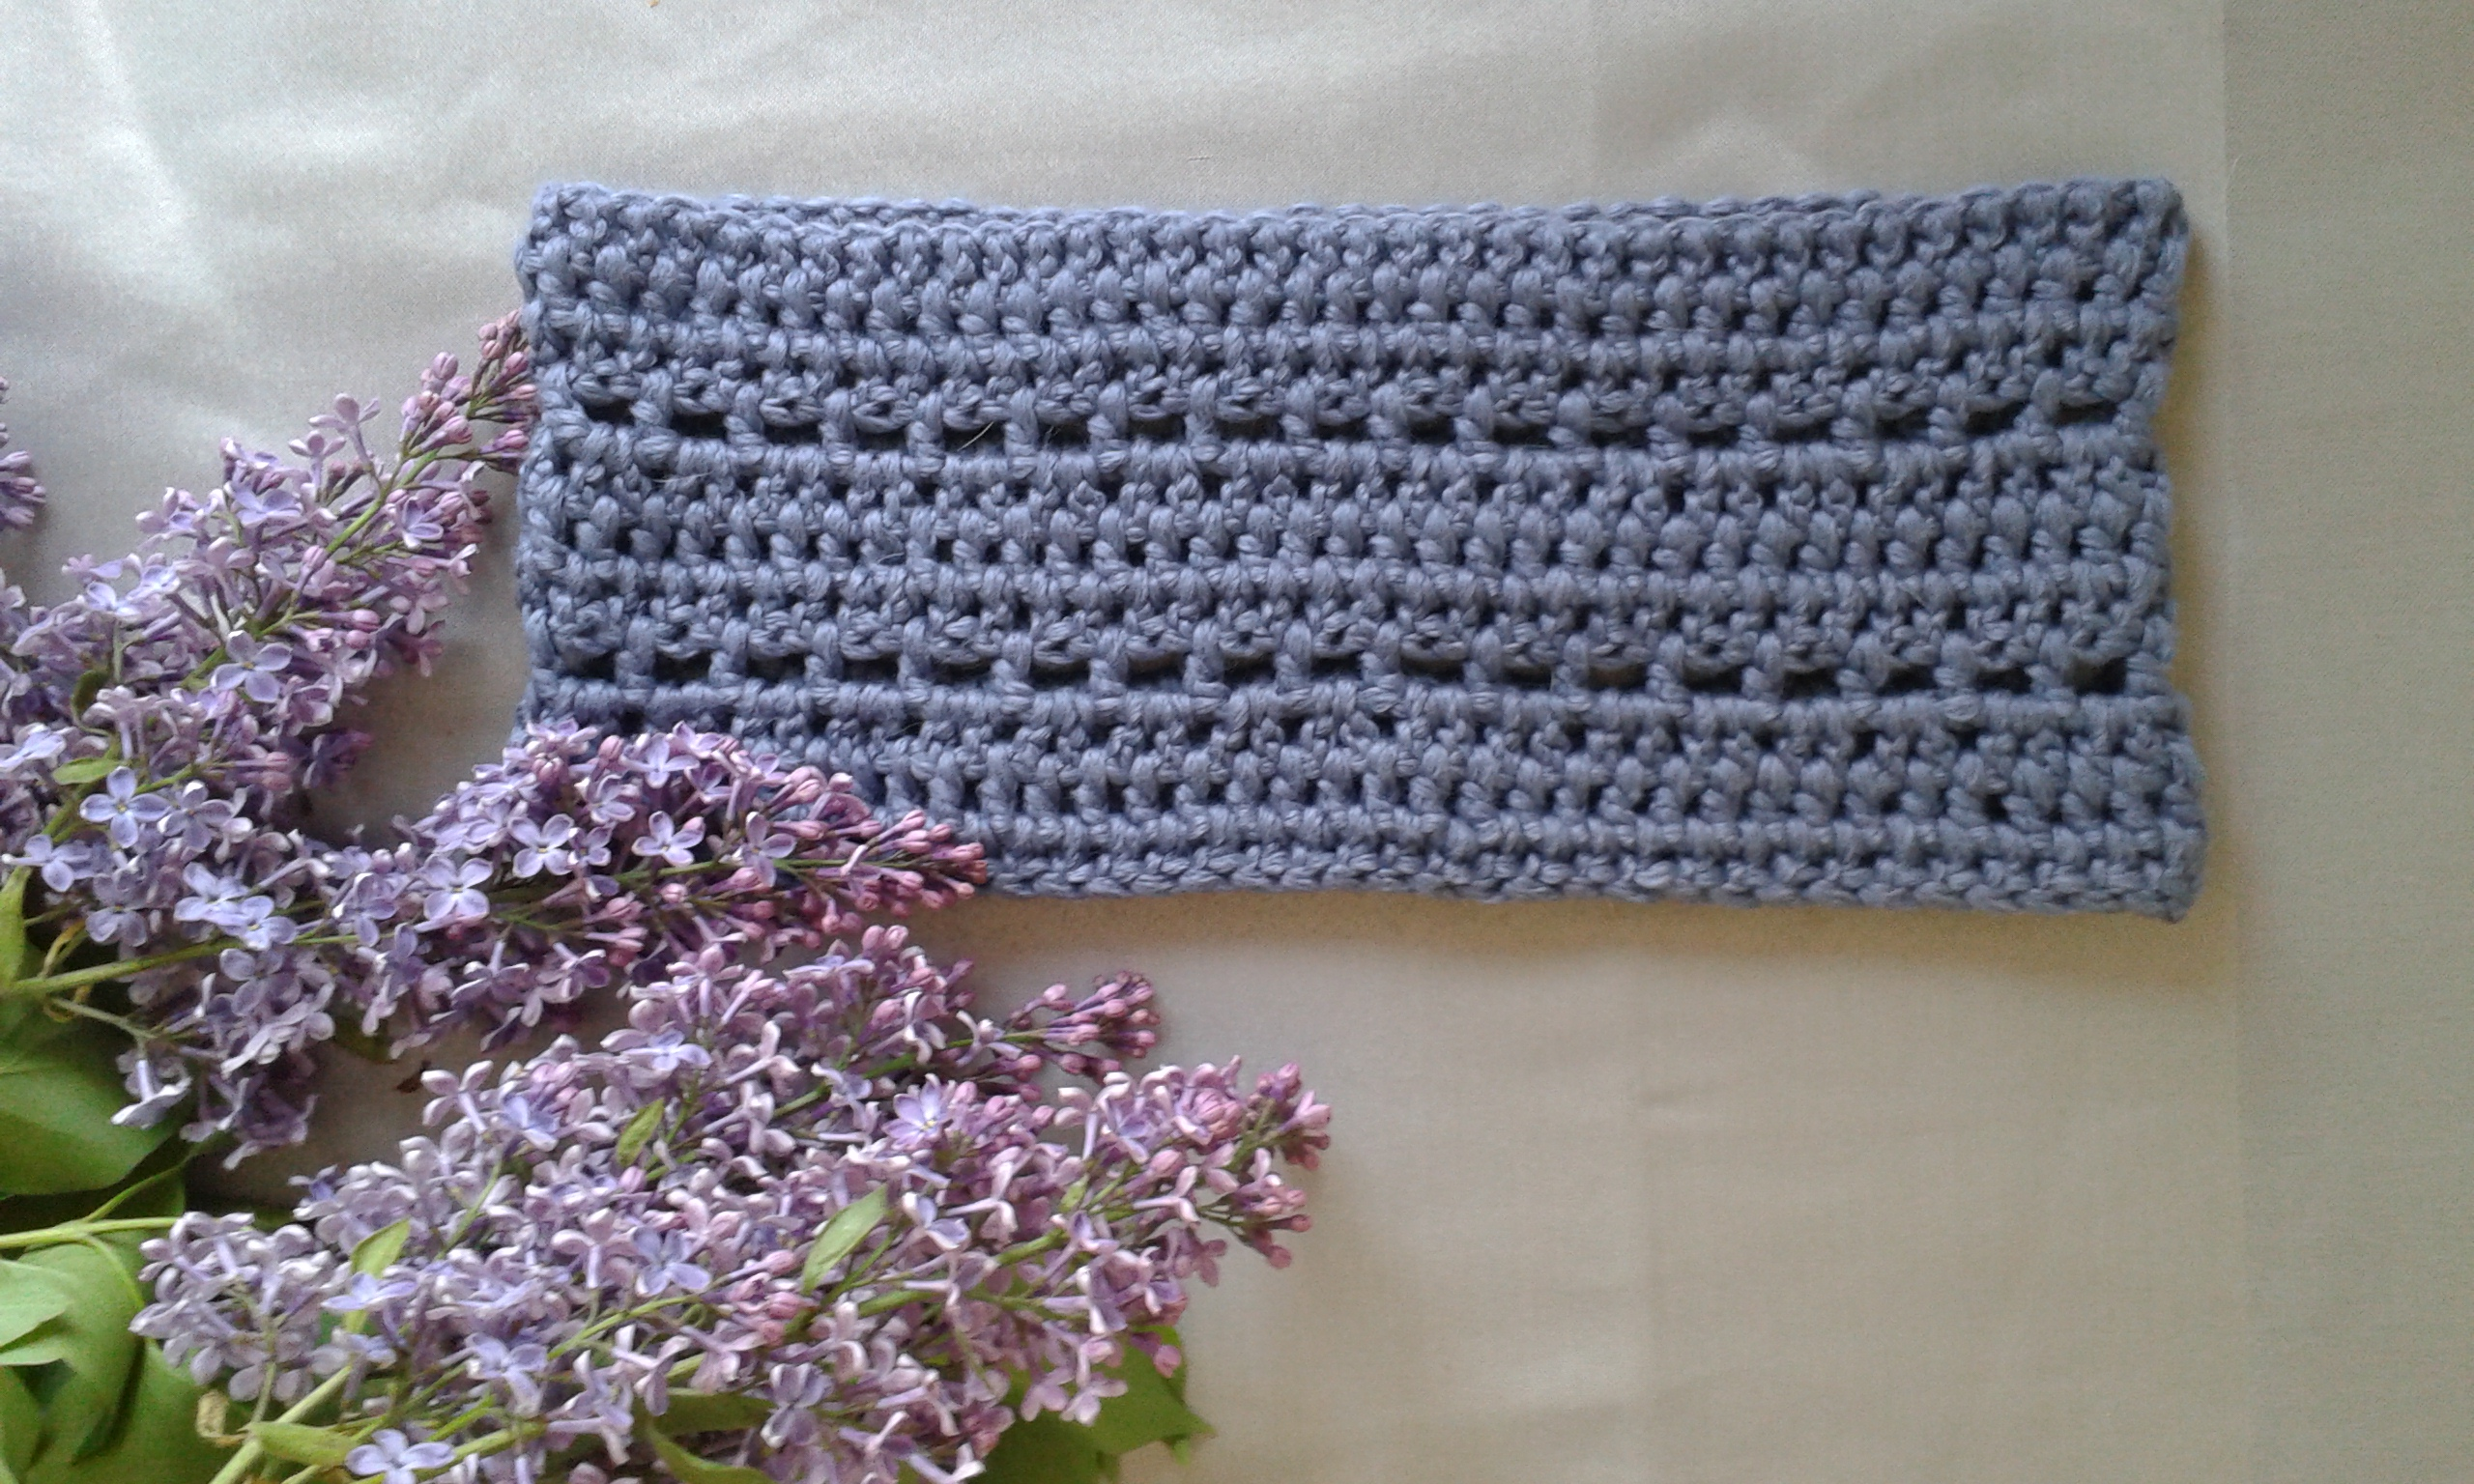 snood bleu chouette kit bride crochet morue 2 – le blog de vieille